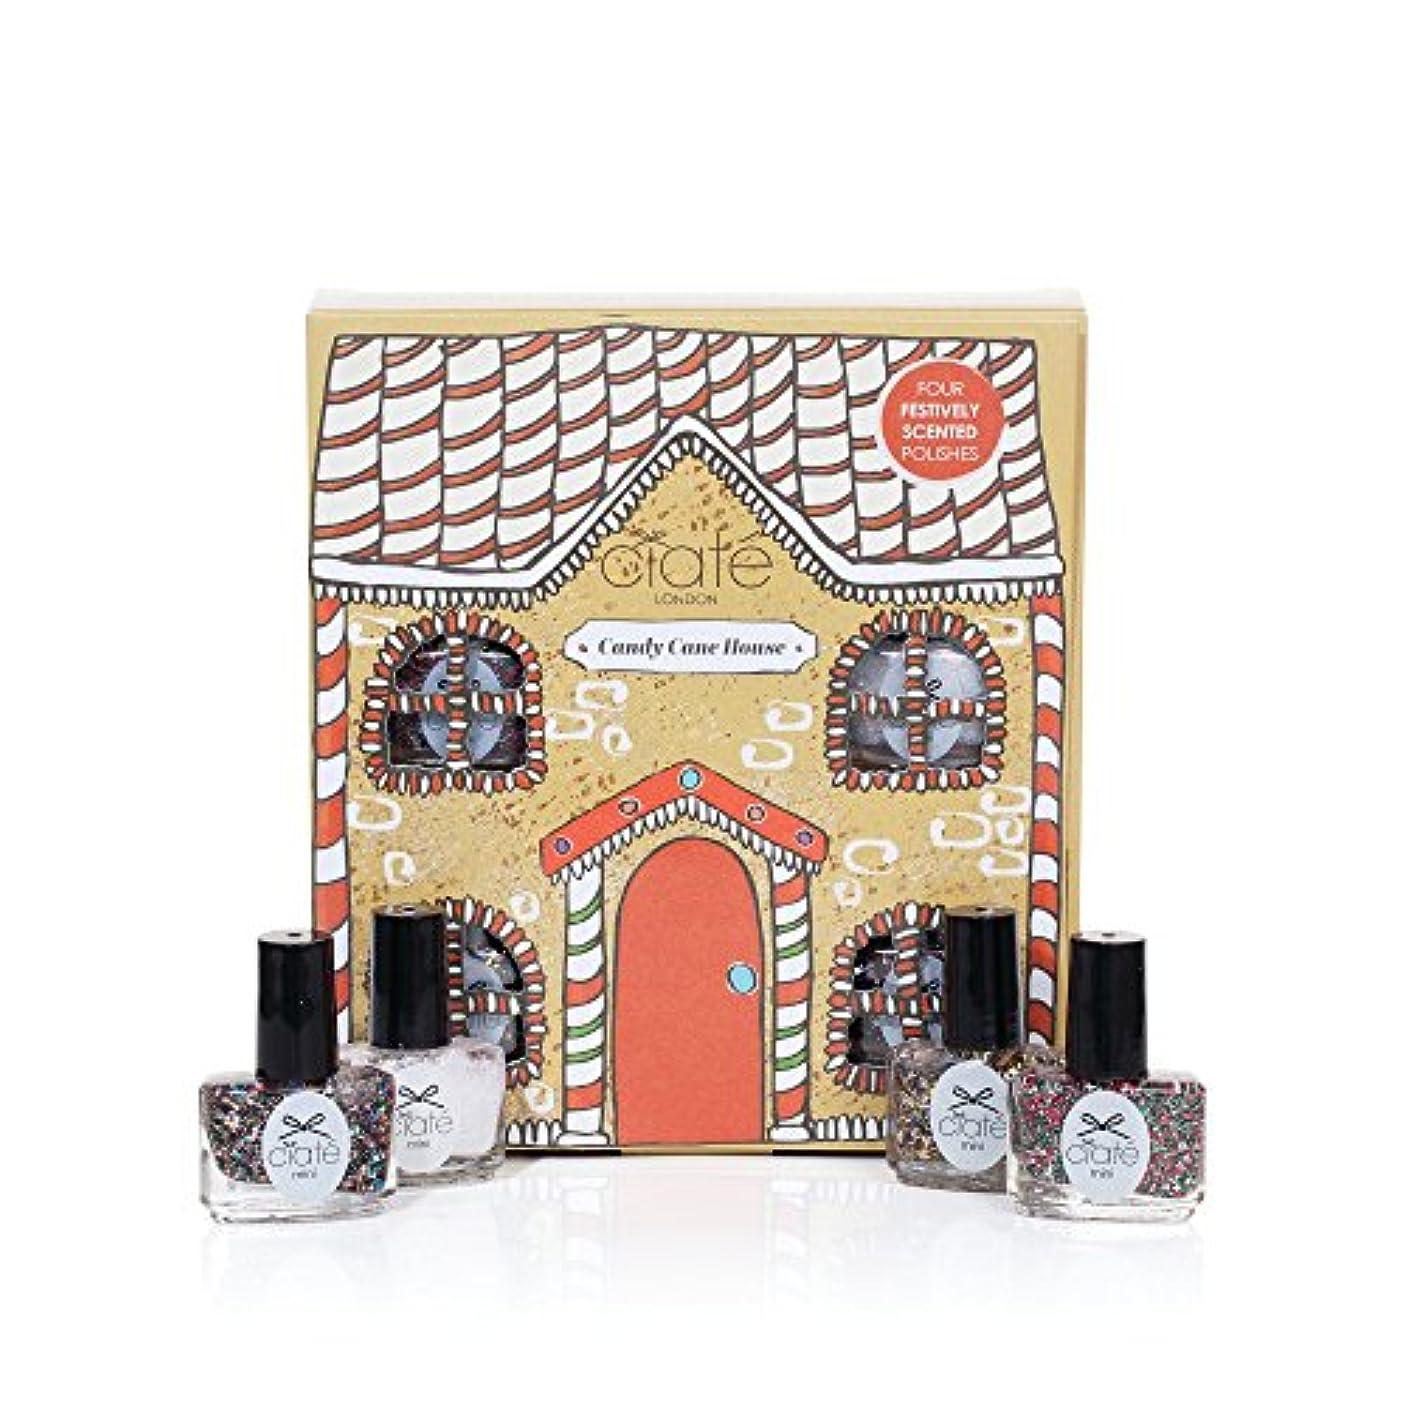 万歳脚割り当てCiate London シアテロンドン キャンディーケイン ハウス Candy Cane House 香り付き ネイル ポリッシュ 5mL×4本入りセット